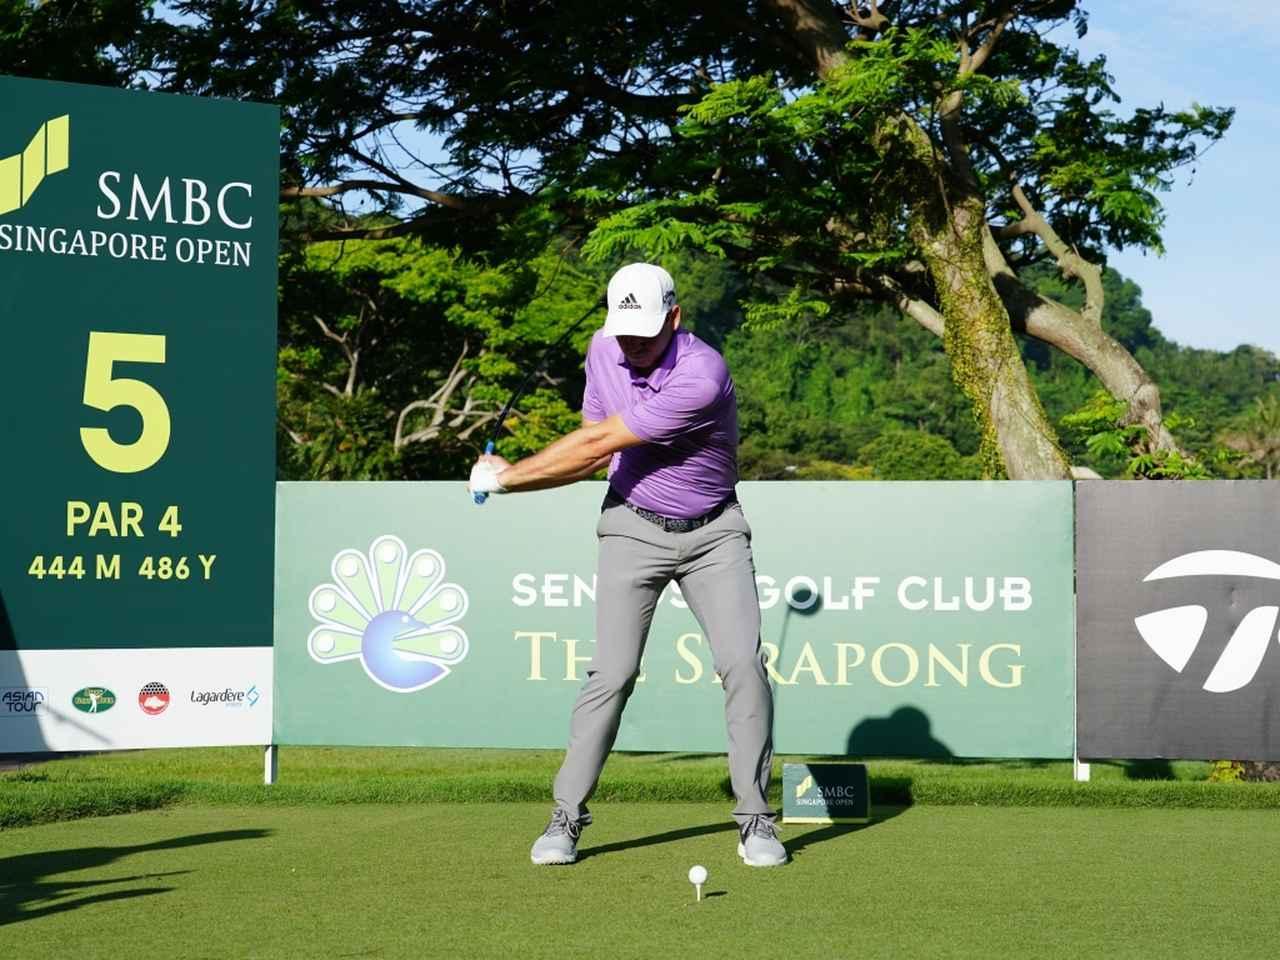 画像29: 【ギア研究】PGAツアートップ選手のレプリカドライバーを組んで打った。「運命のシャフトとヘッド」見つけ方